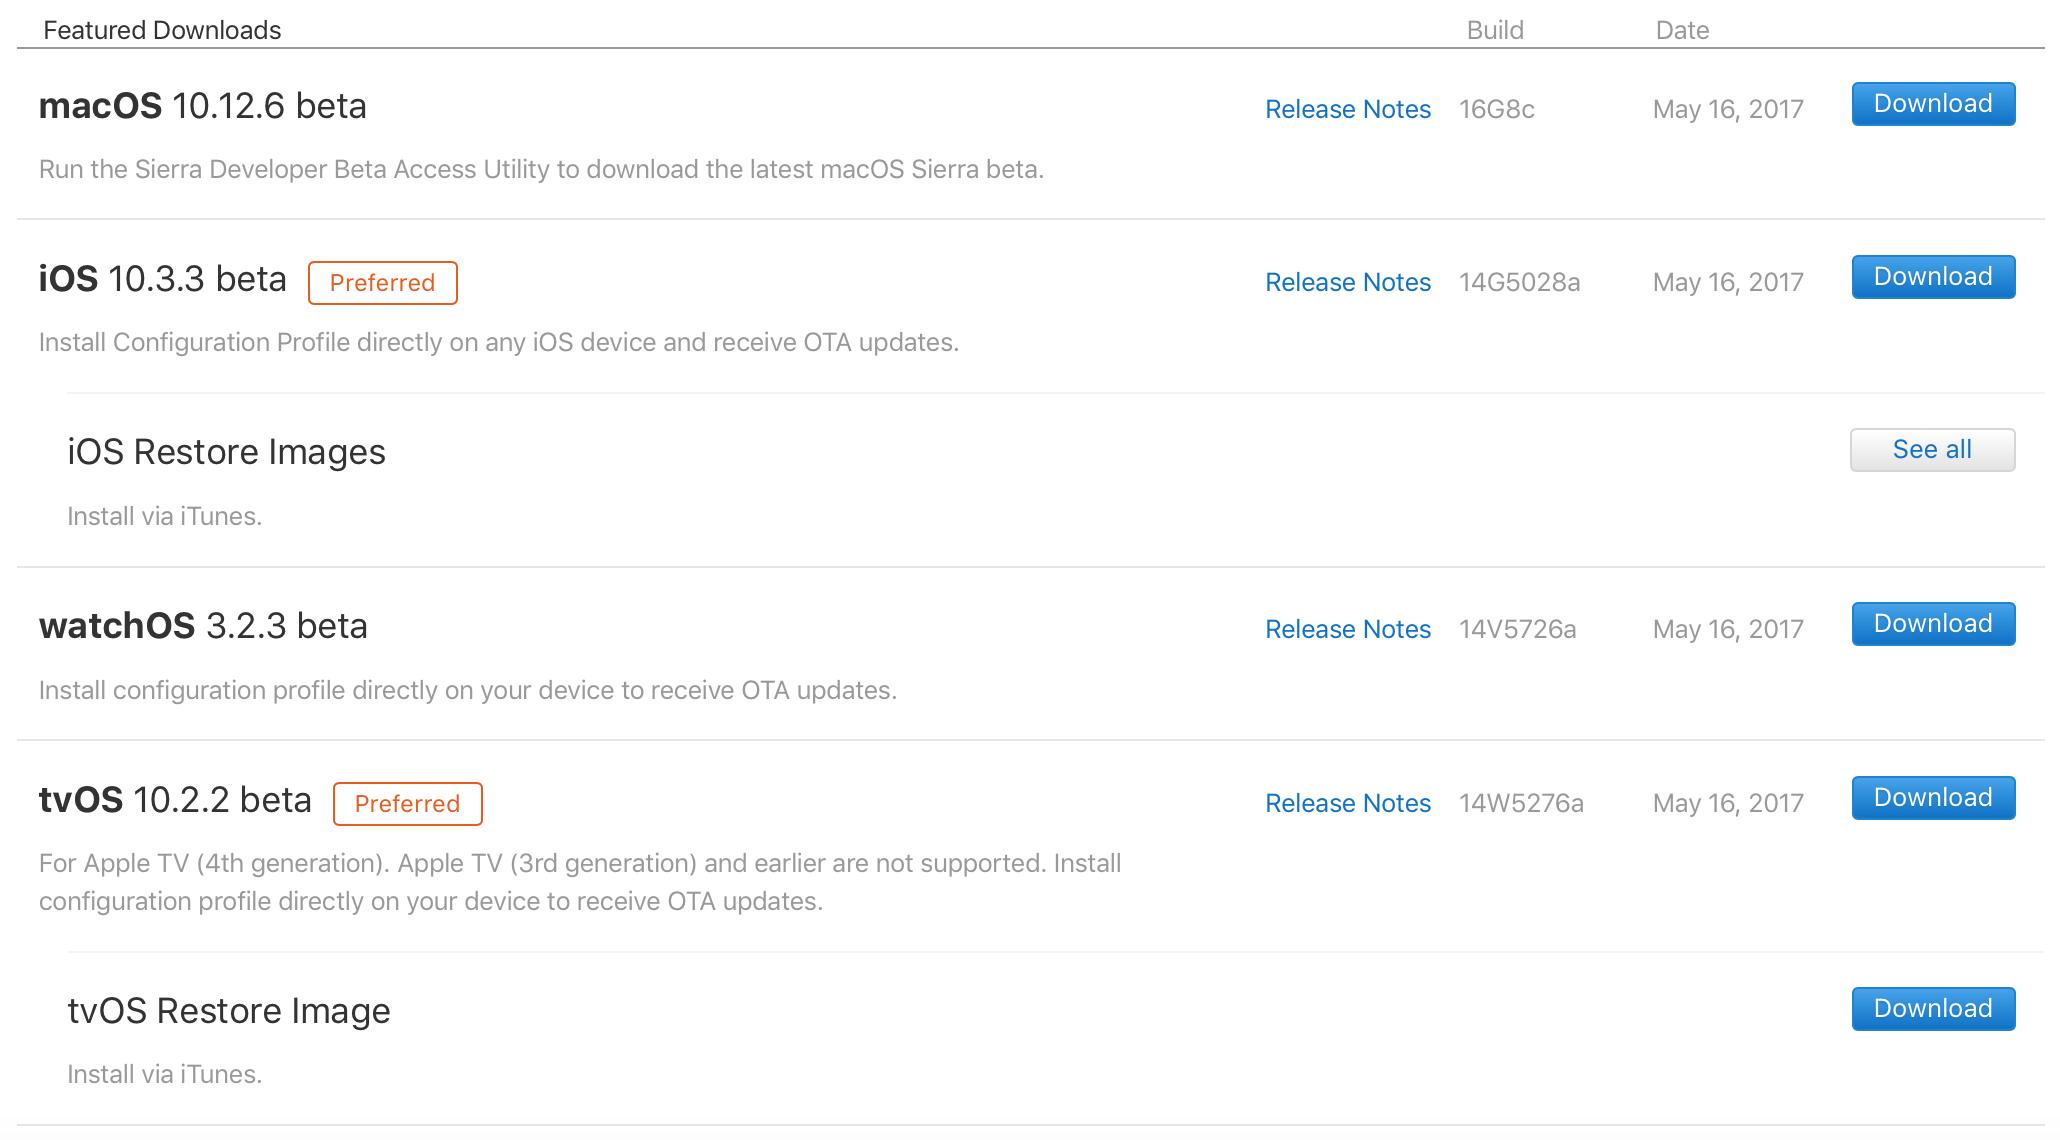 iOS 10.3.3, macOS 10.12.6, tvOS 10.2.2, watchOS 3.2.3